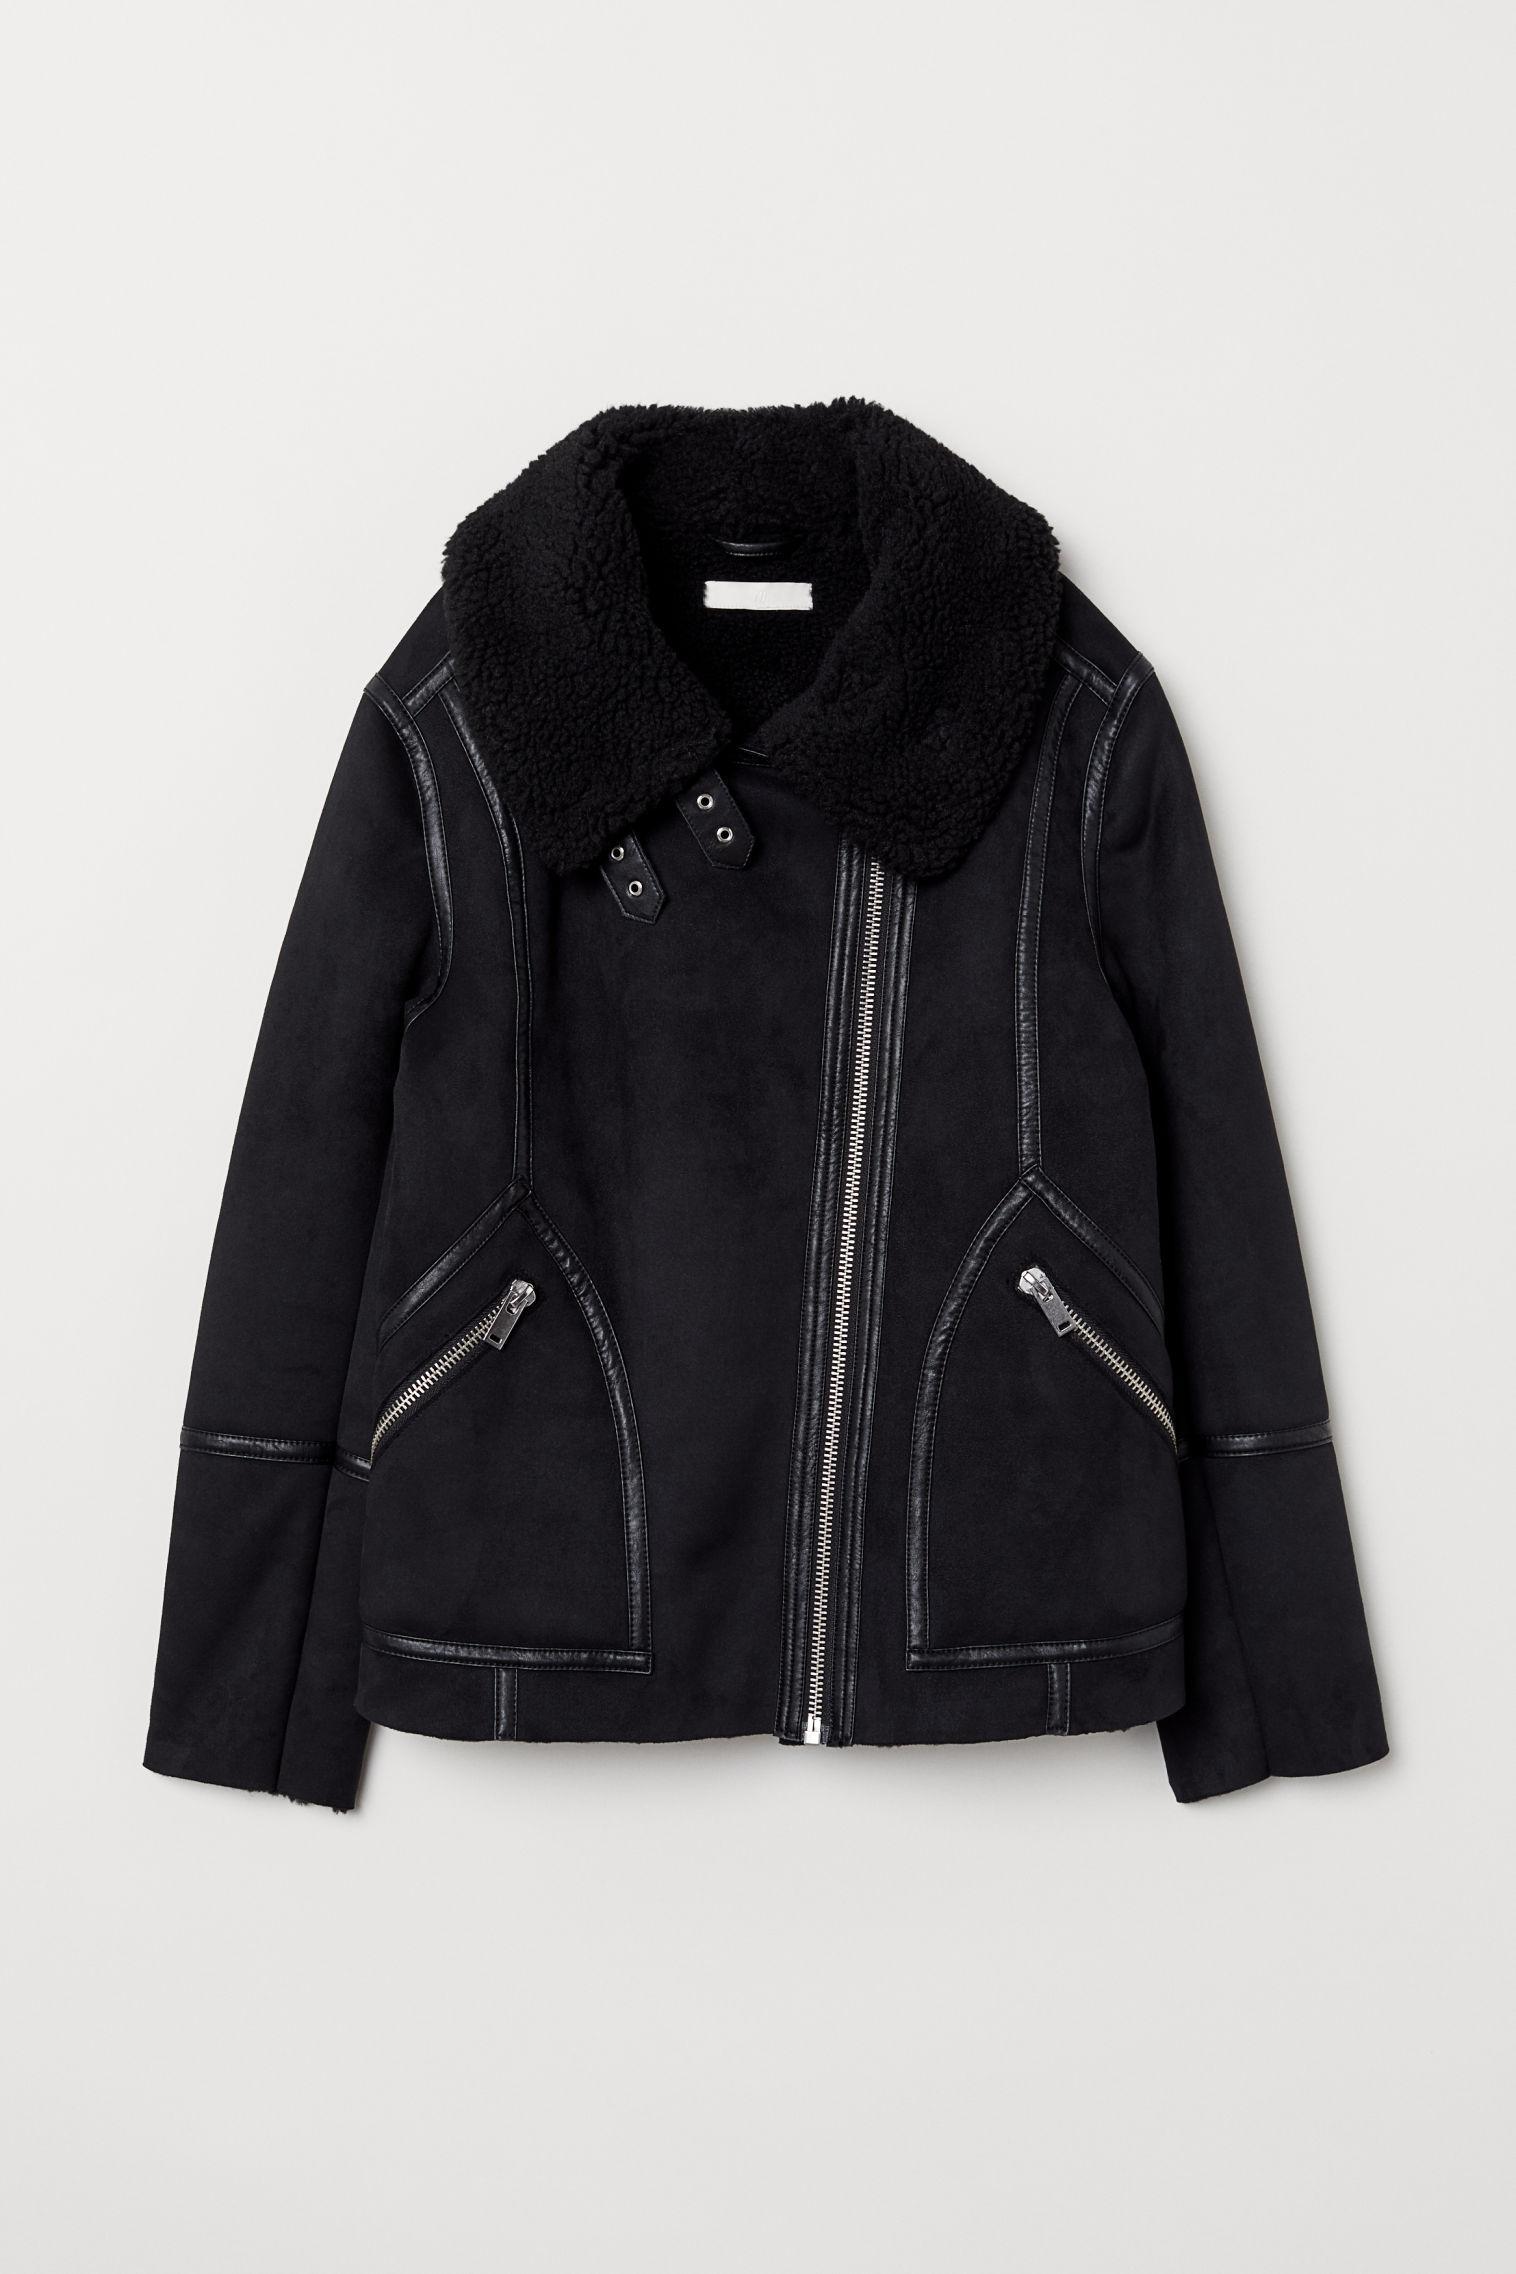 H Amp M Pile Lined Biker Jacket In Black Lyst